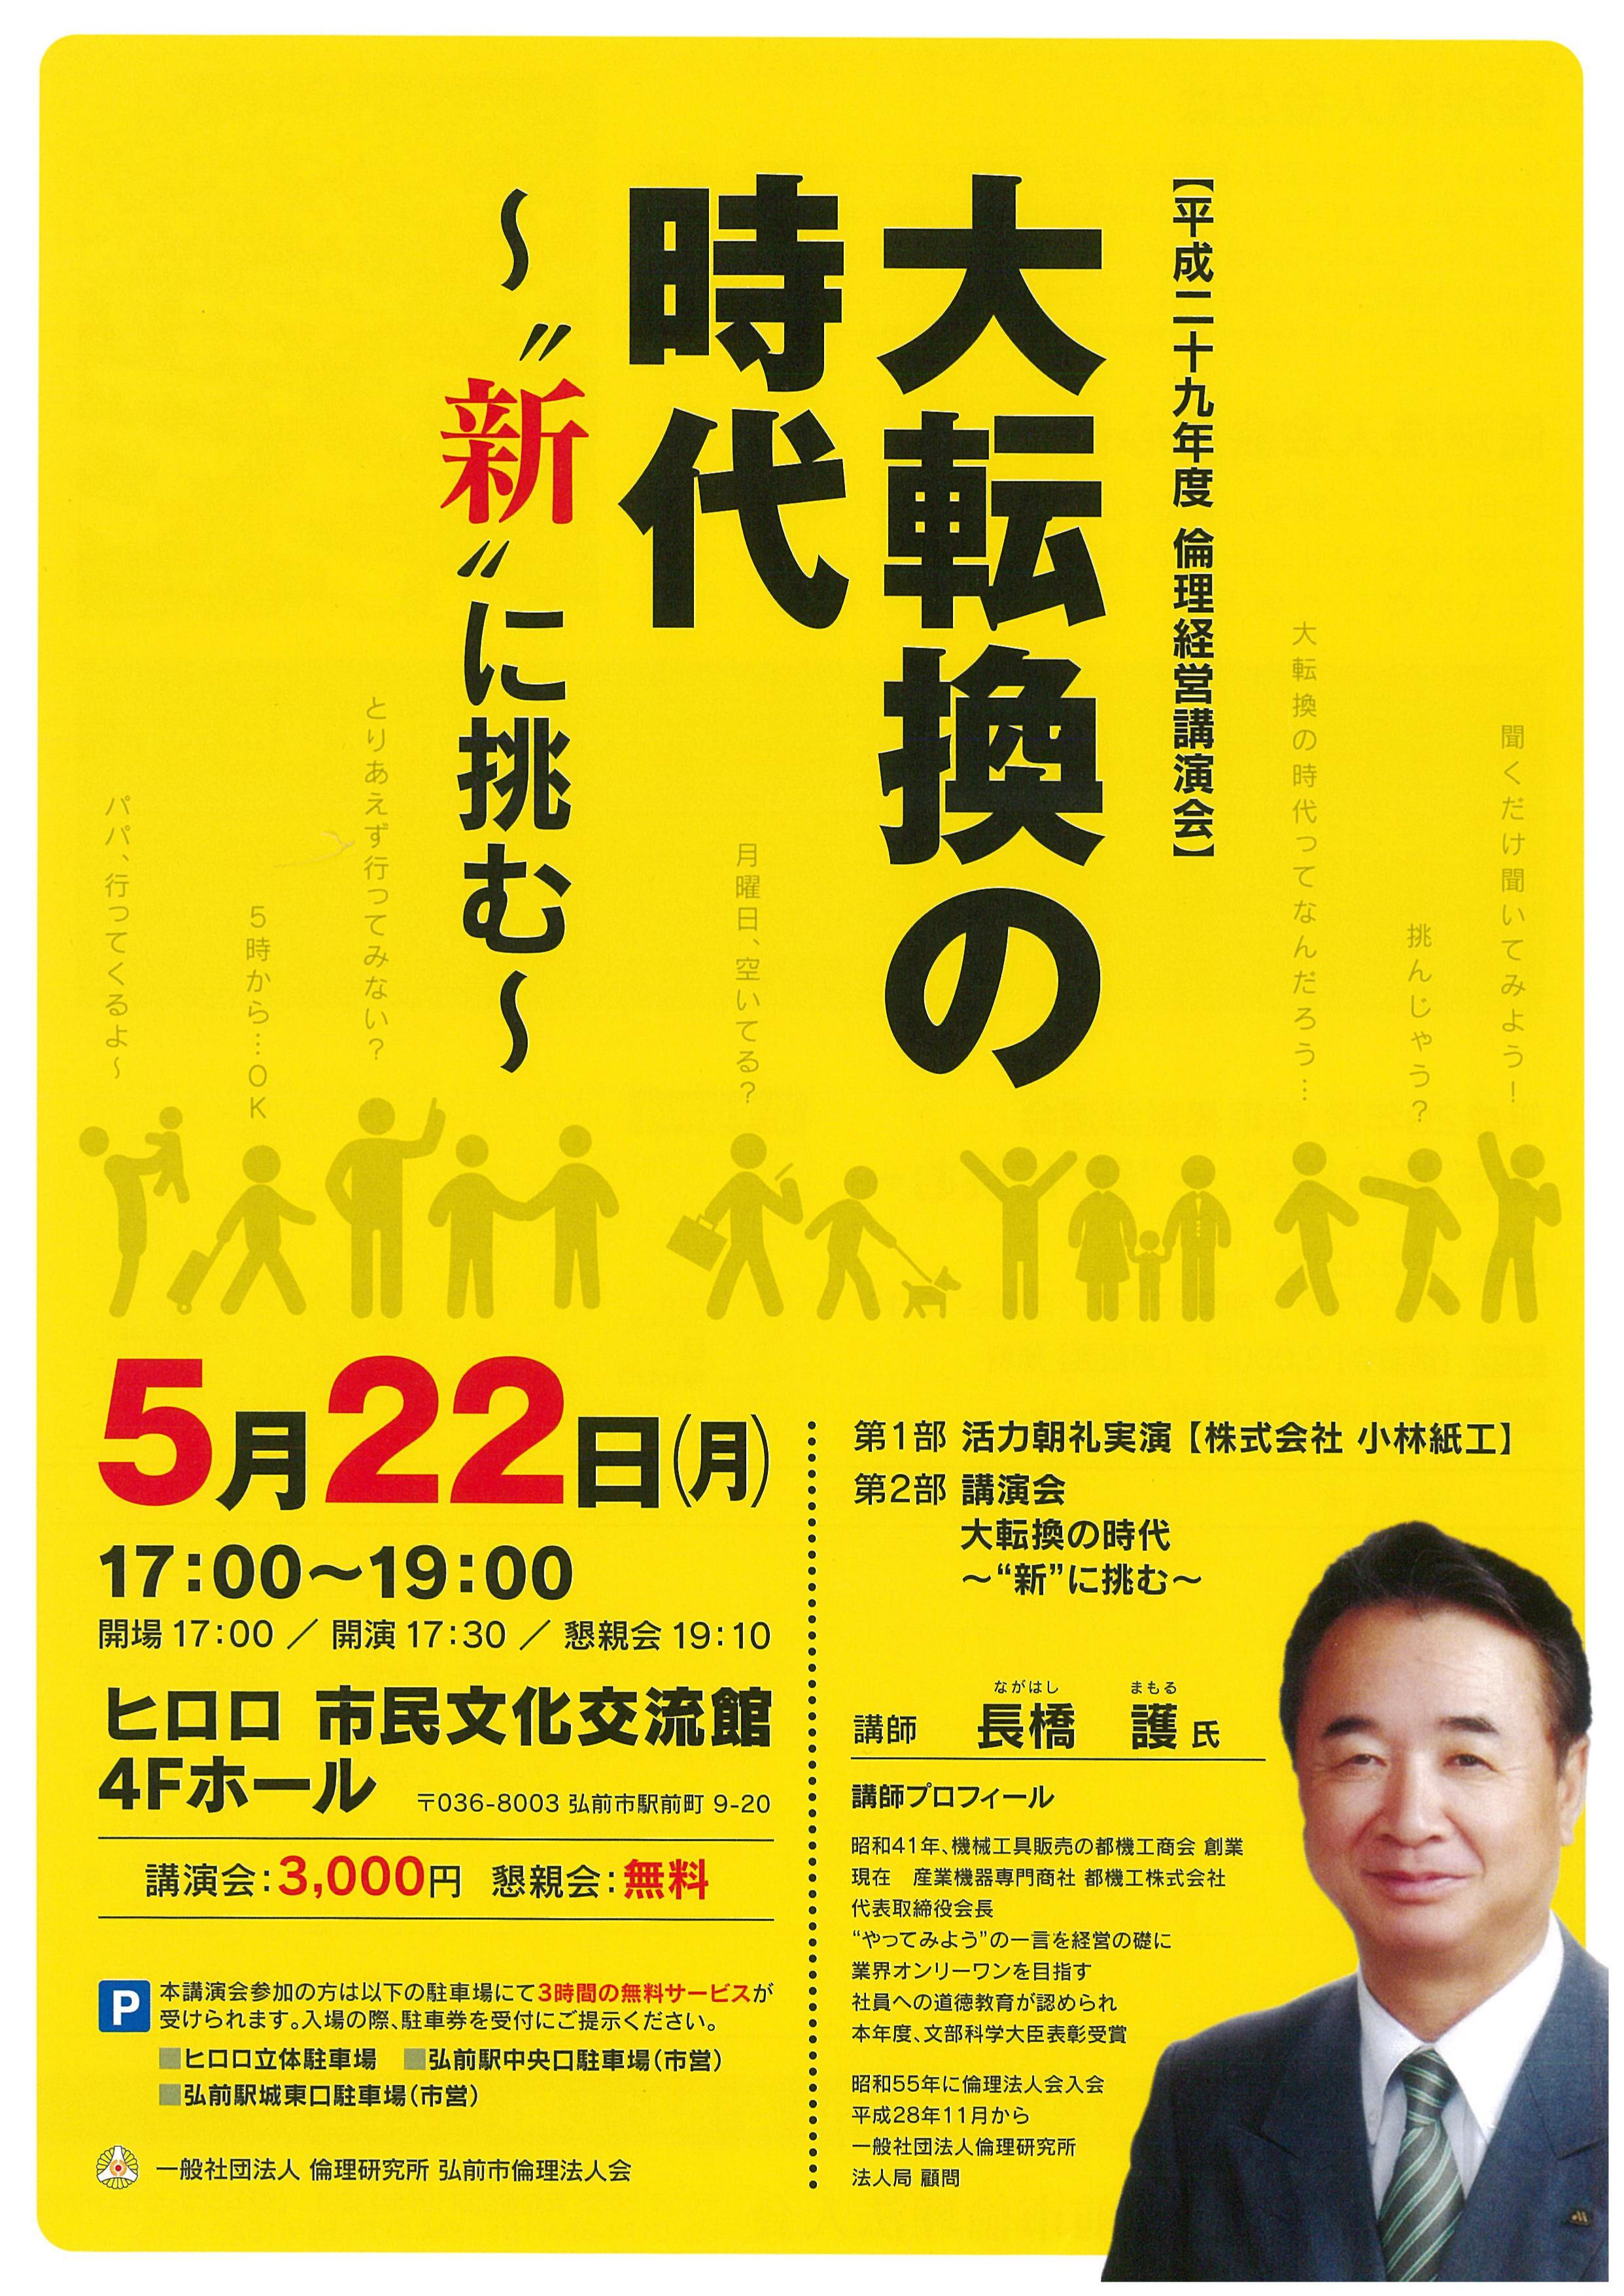 「平成29年度 倫理経営講演会」チラシ